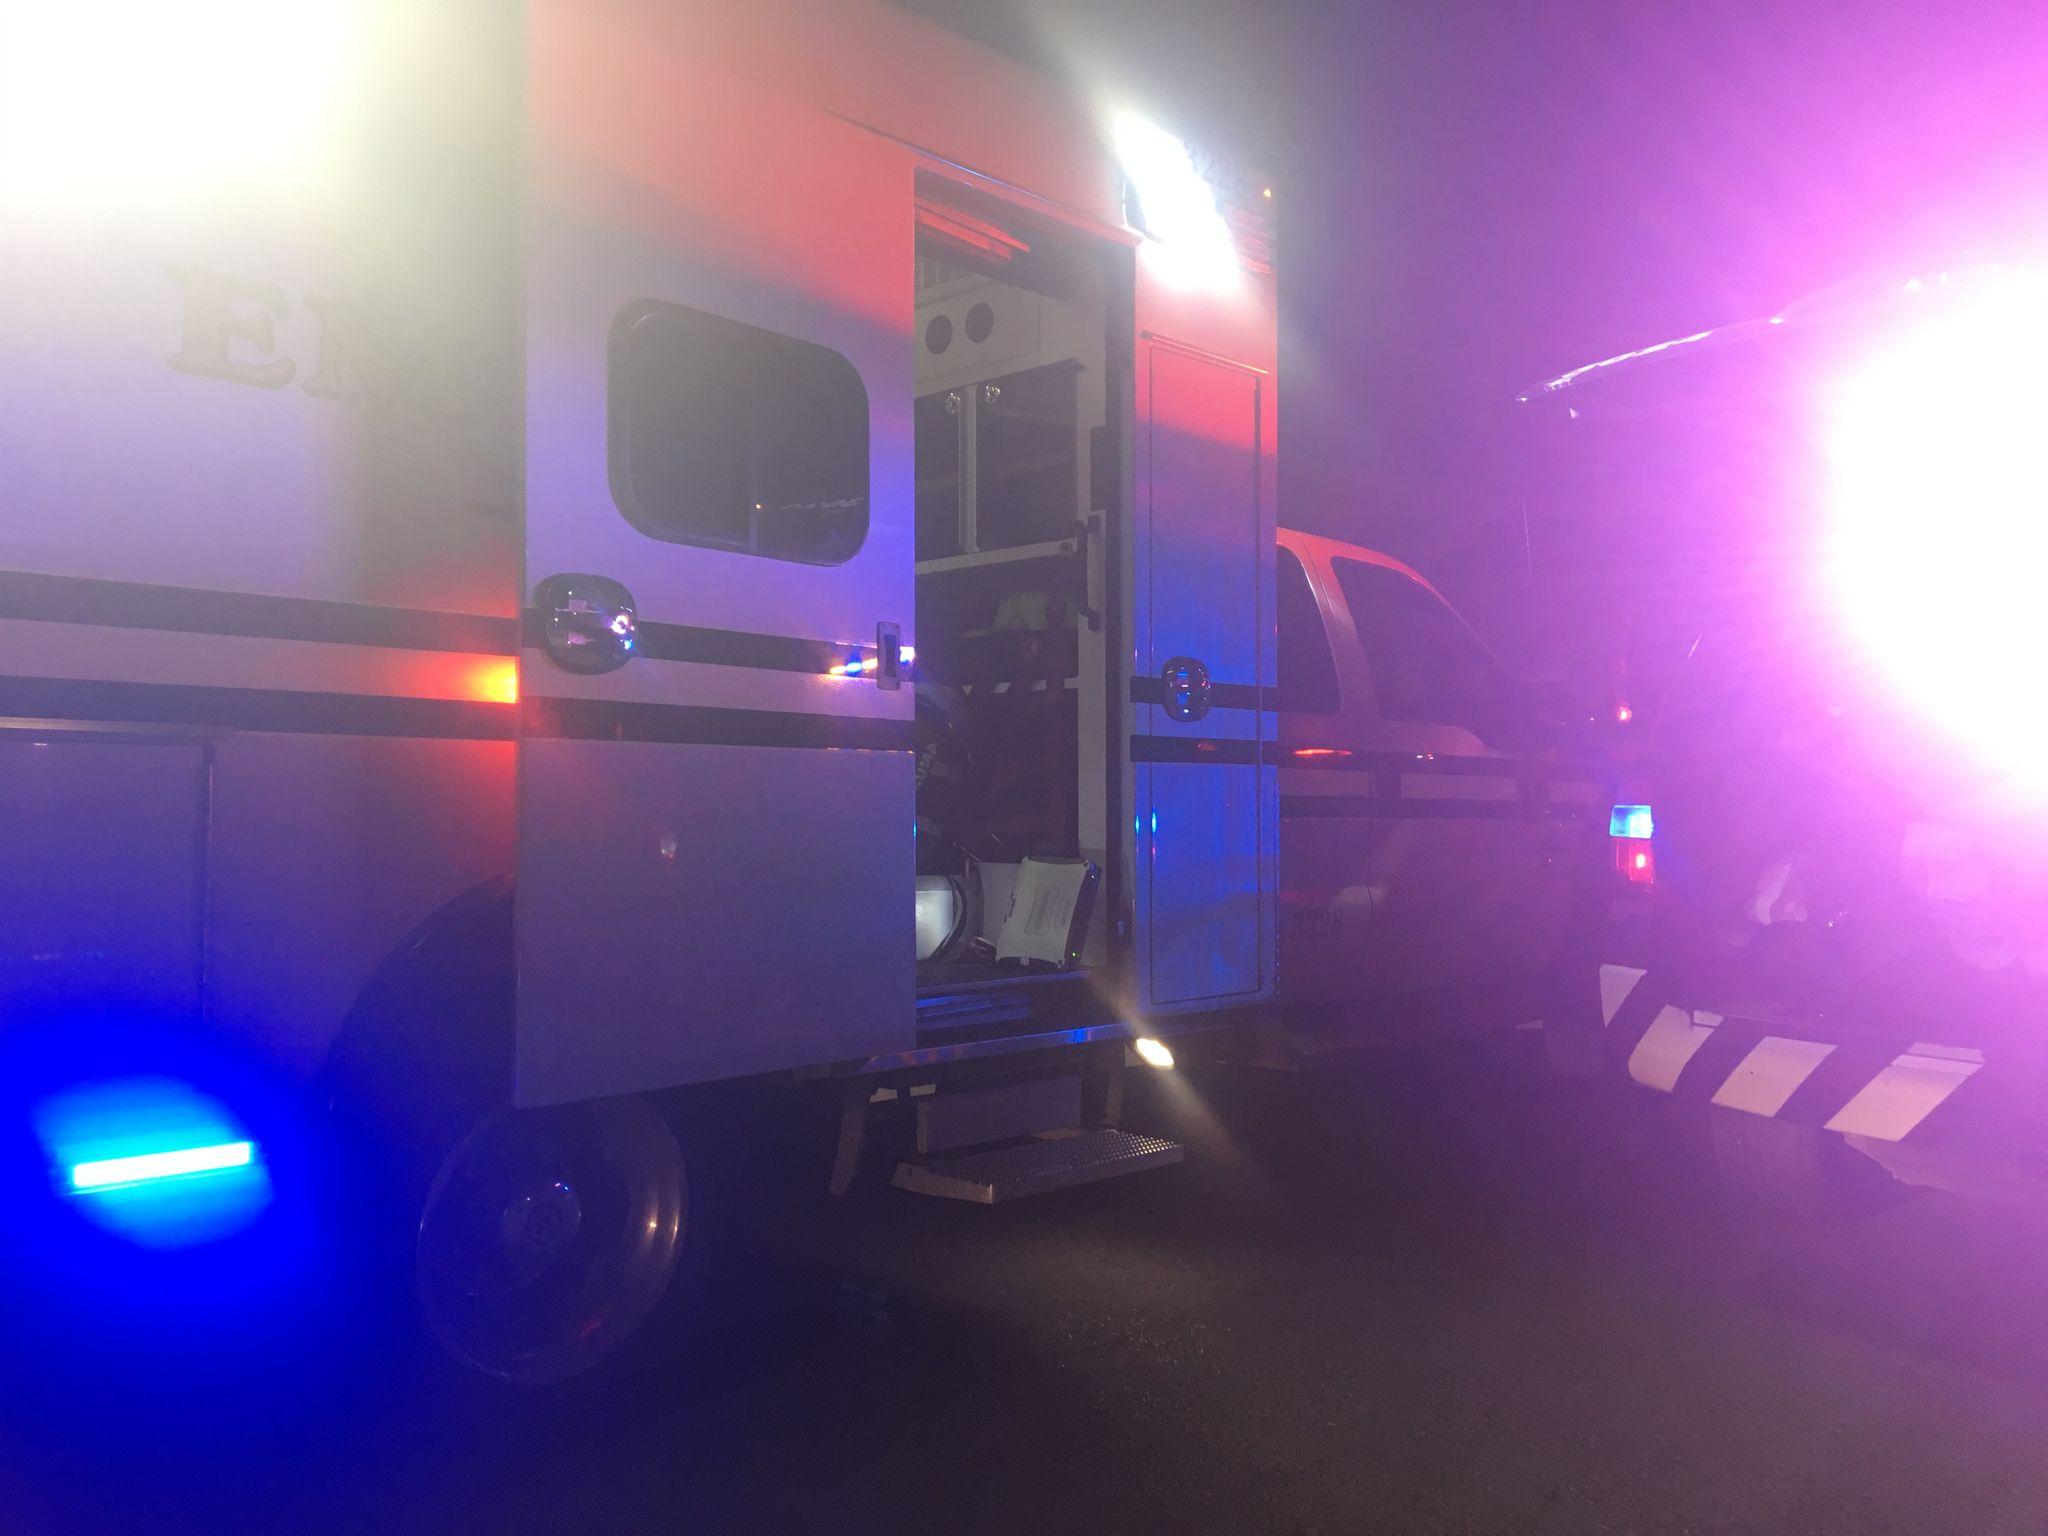 IMG 1881 L' Ambulancier : le site de référence EMS Nouvelle Orléans - Un ambulancier parmi les paramedics